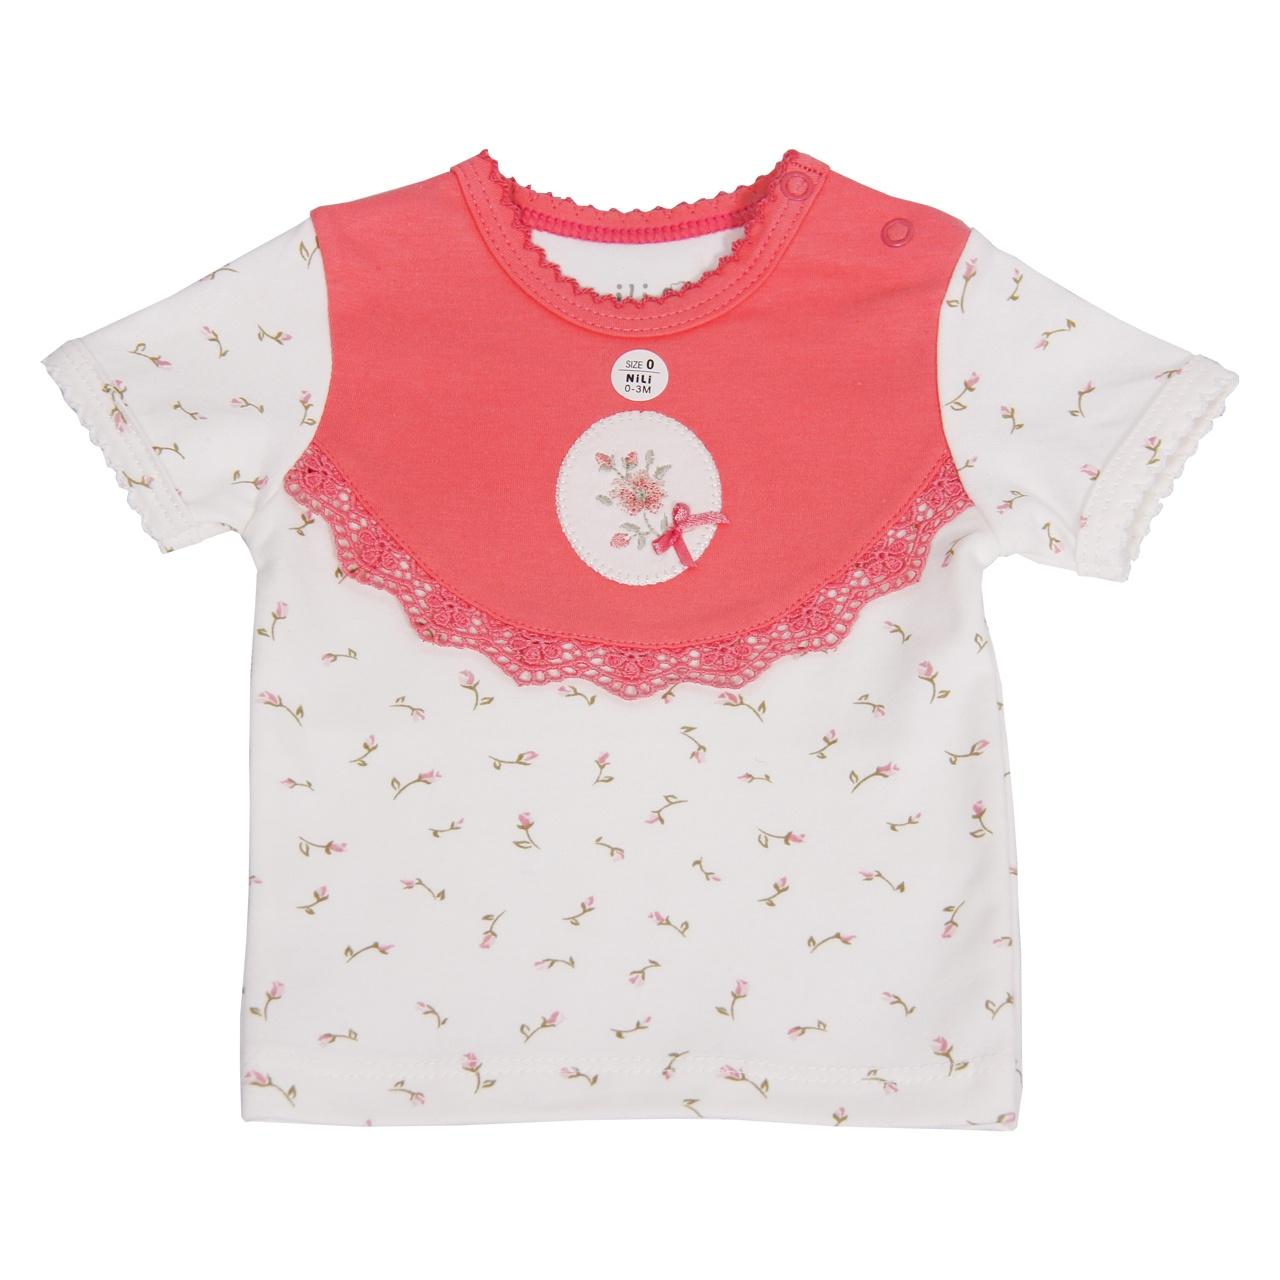 تیشرت آستین کوتاه نوزادی نیلی طرح قاب عکس